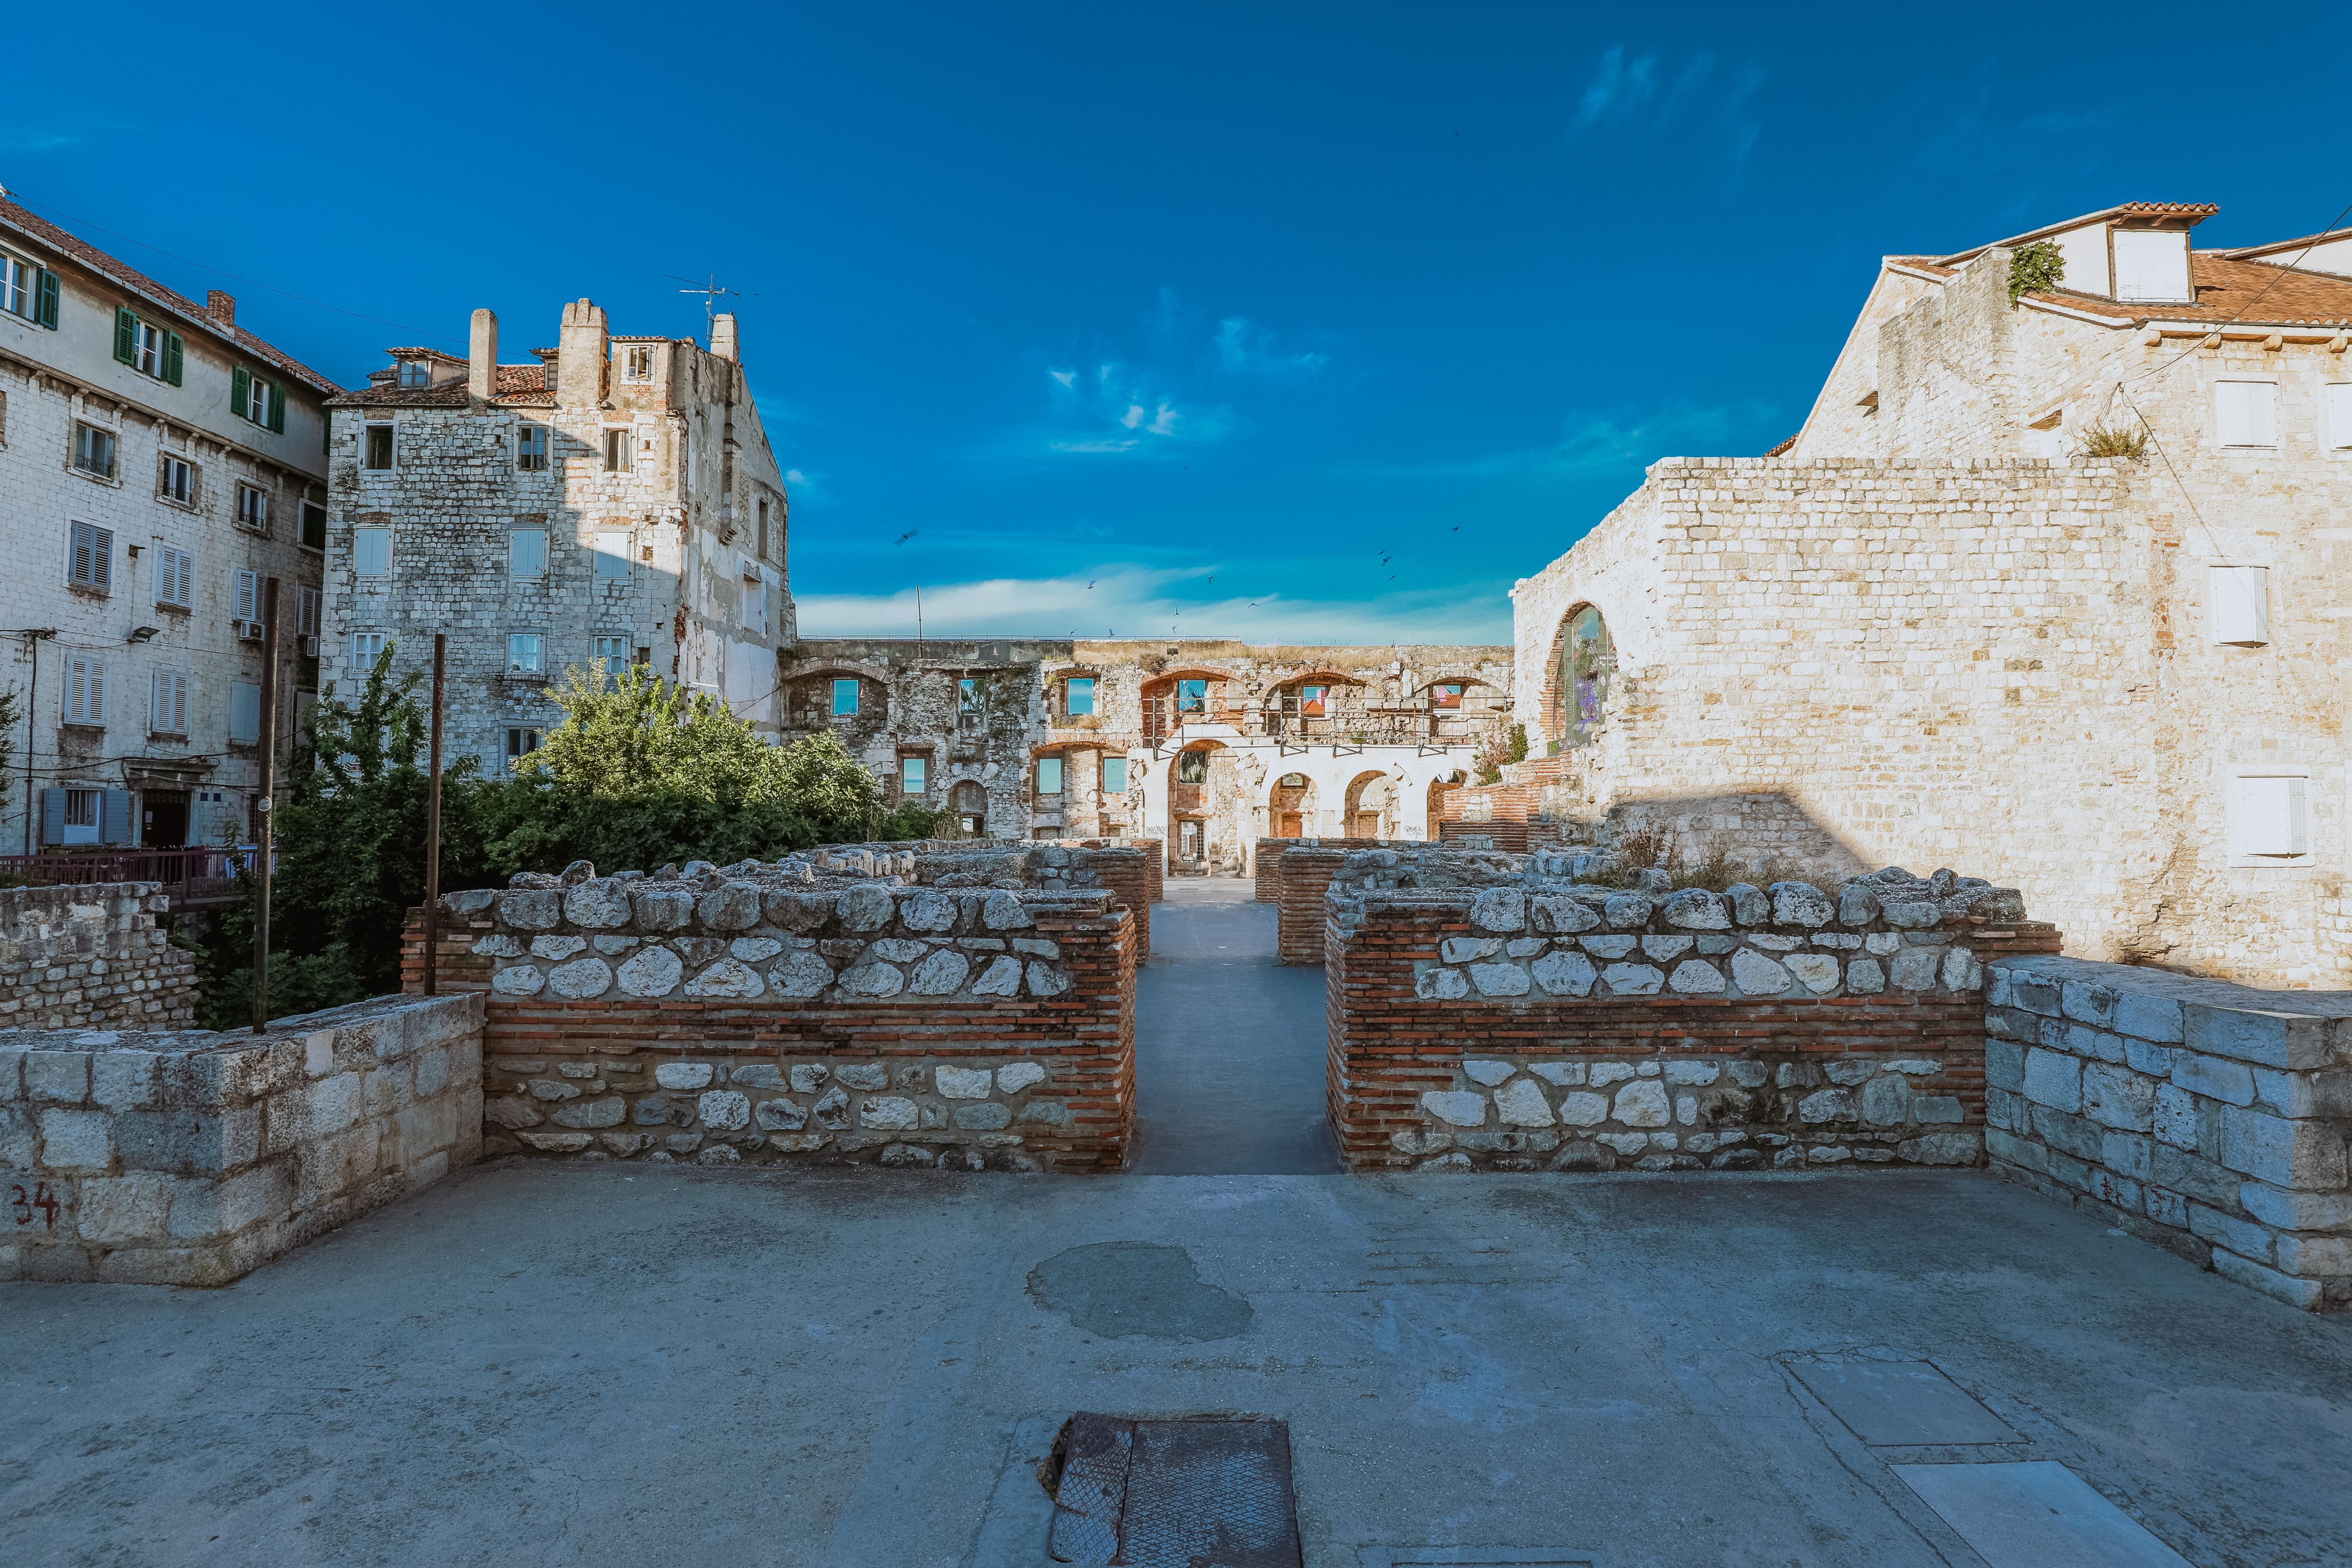 斯普利特老城